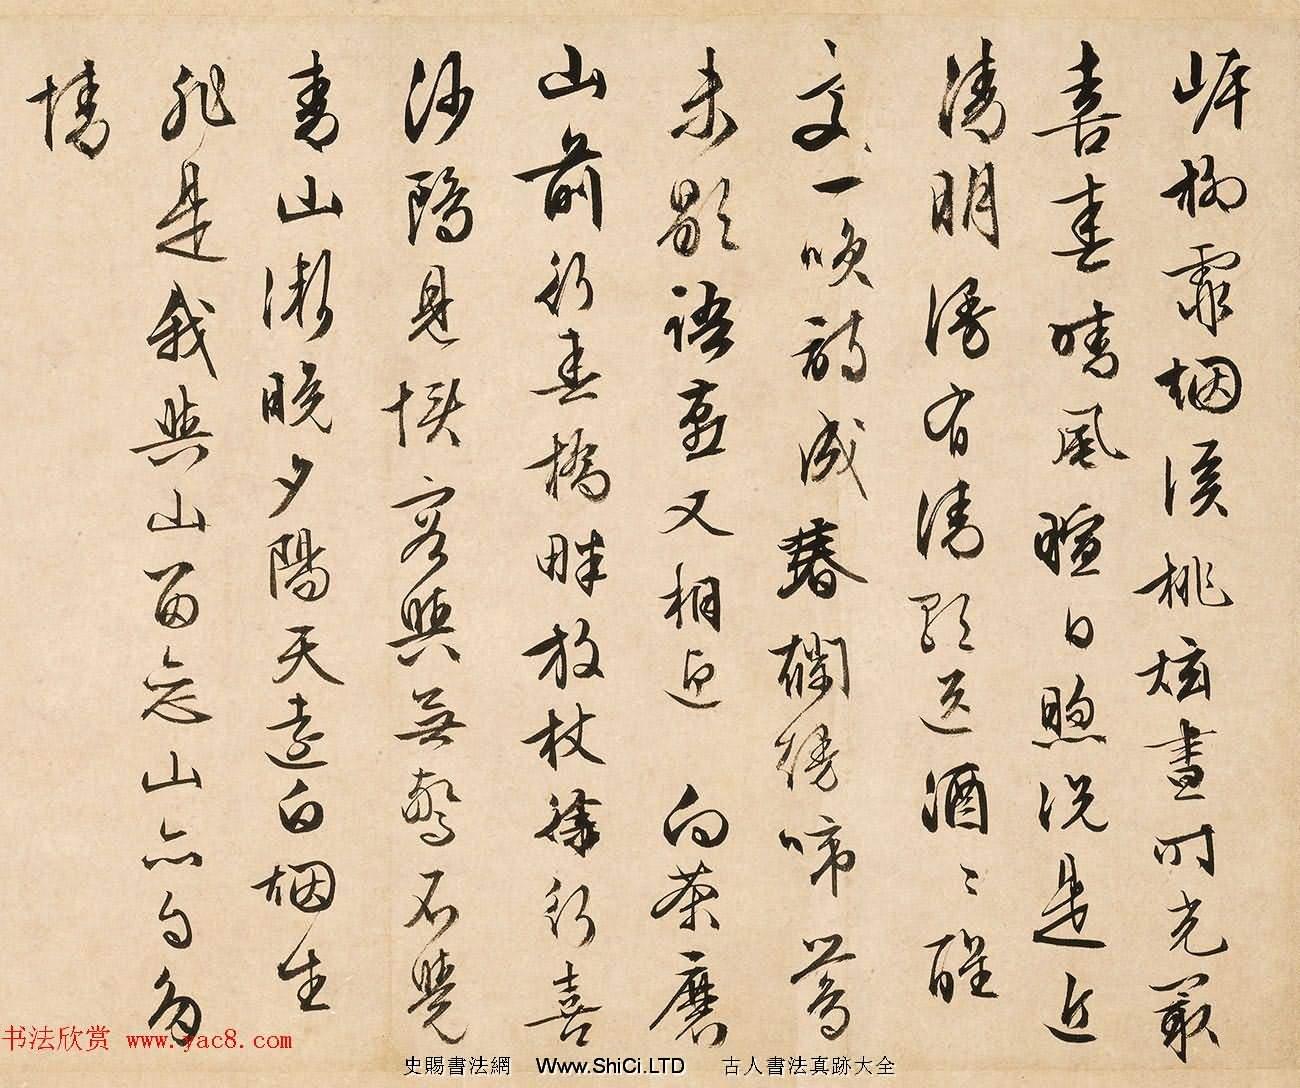 文徵明85歲行書《游石湖追和徐天全滿庭芳》(共8張圖片)